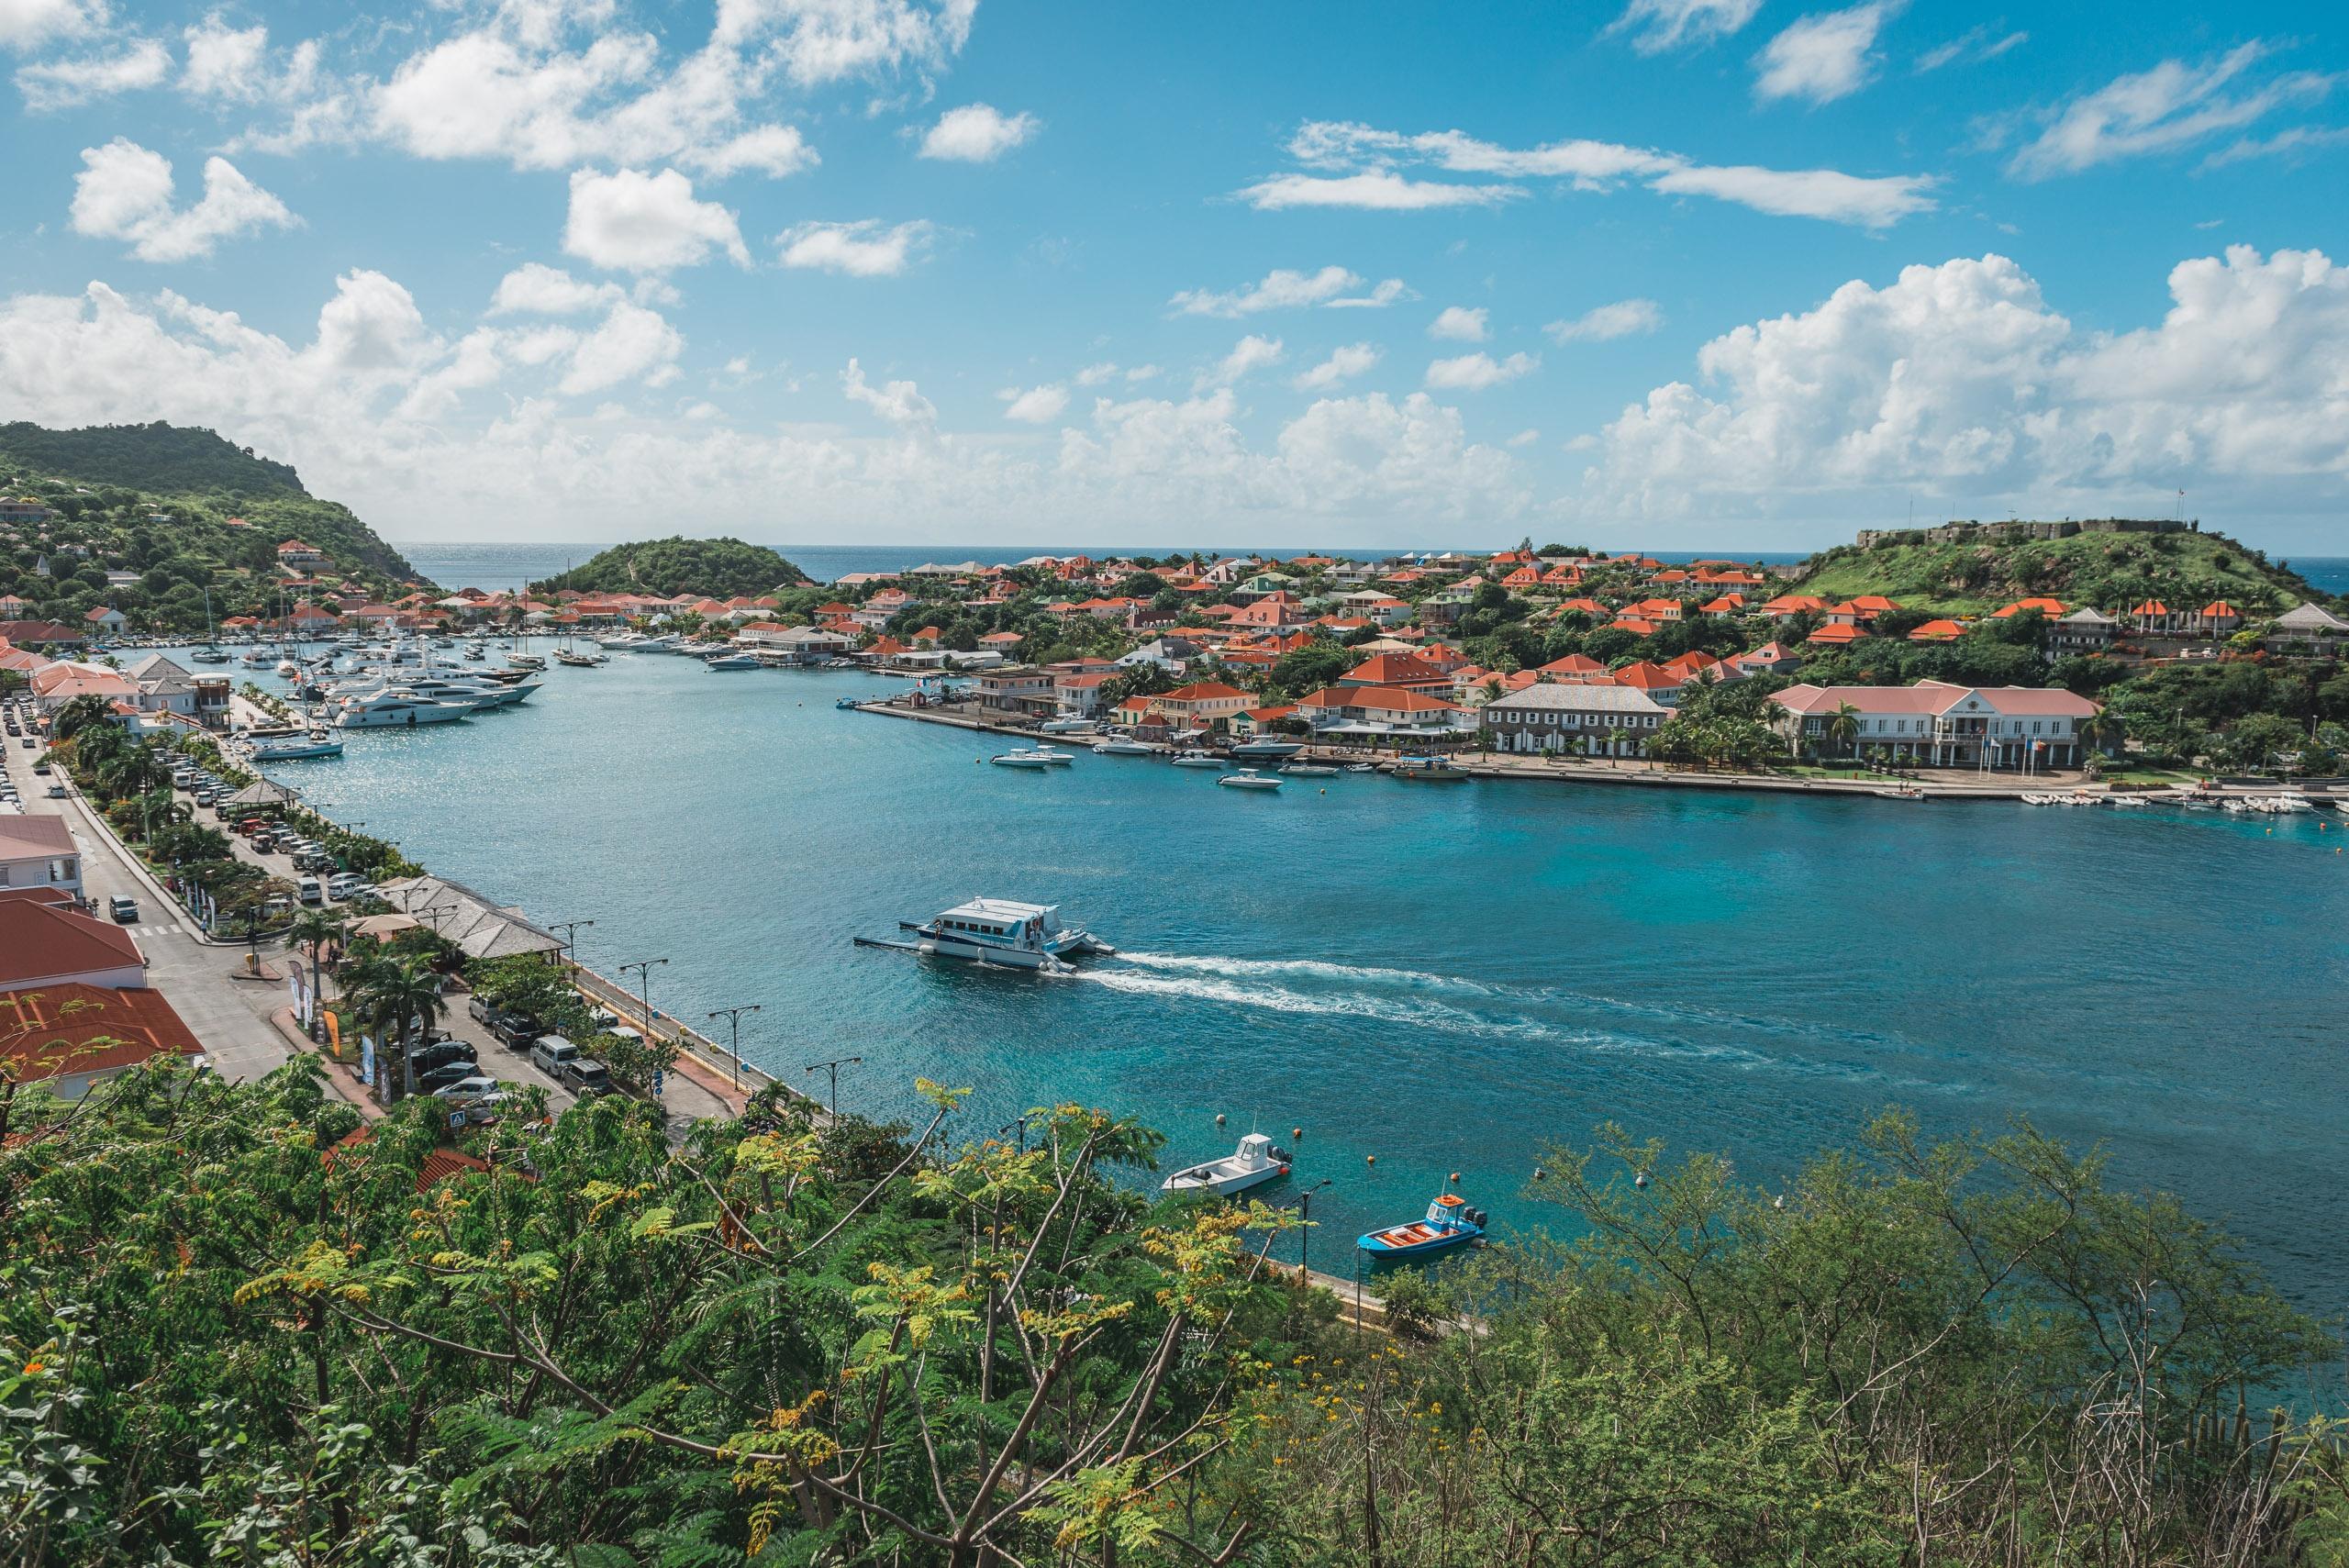 Overlooking Gustavia